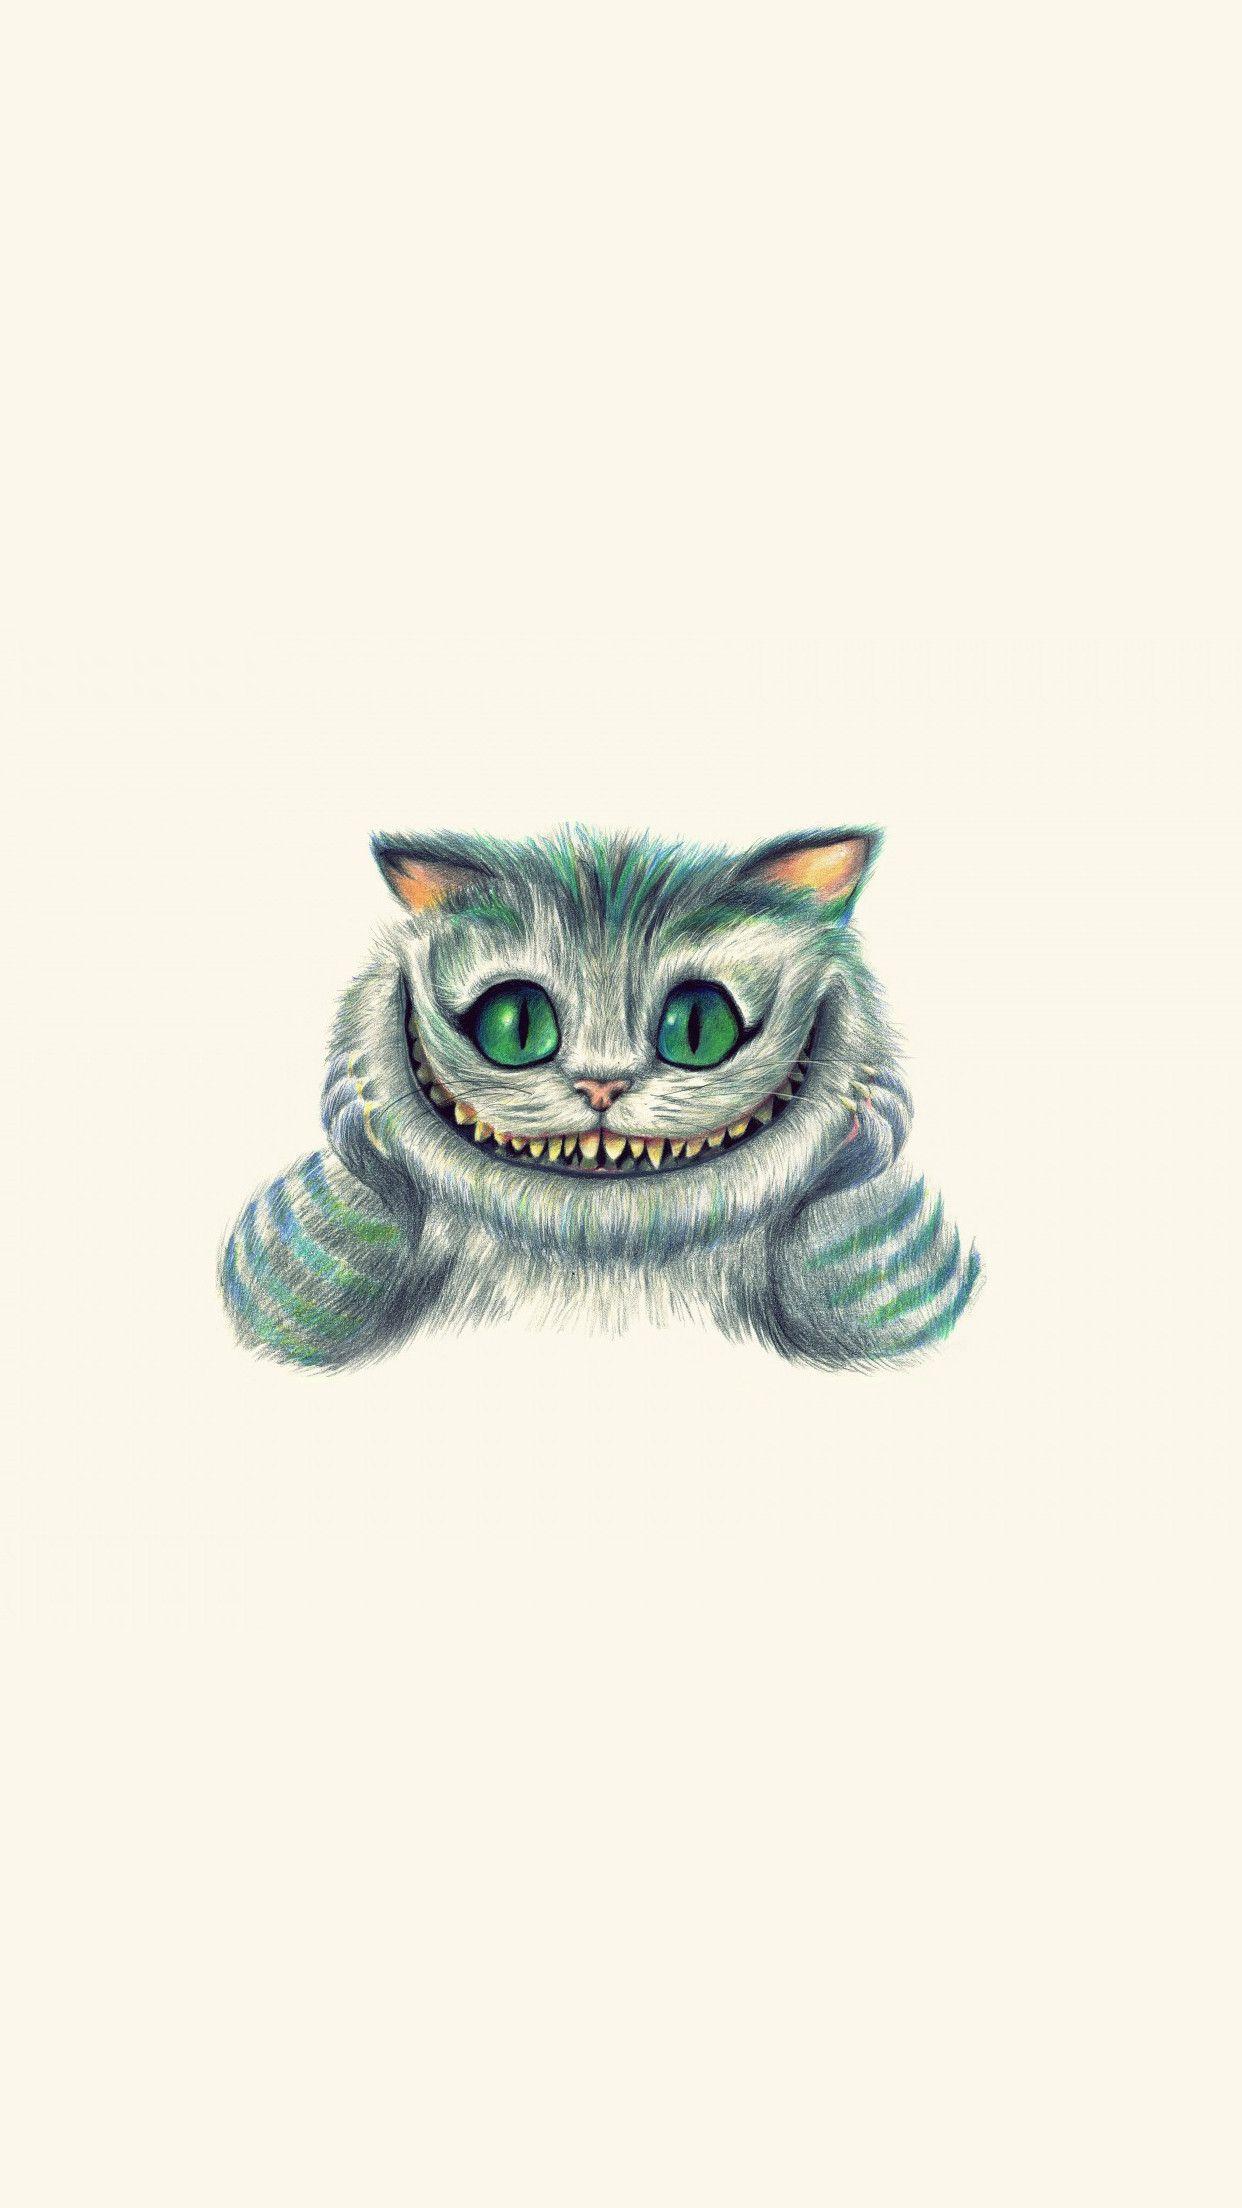 1242x2208 Alice In Wonderland Cat 3wallpapers Iphone Parallax Les 3 Wallpapers Cheshire Cat Wallpaper Iphone Wallpaper Cat Cat Wallpaper